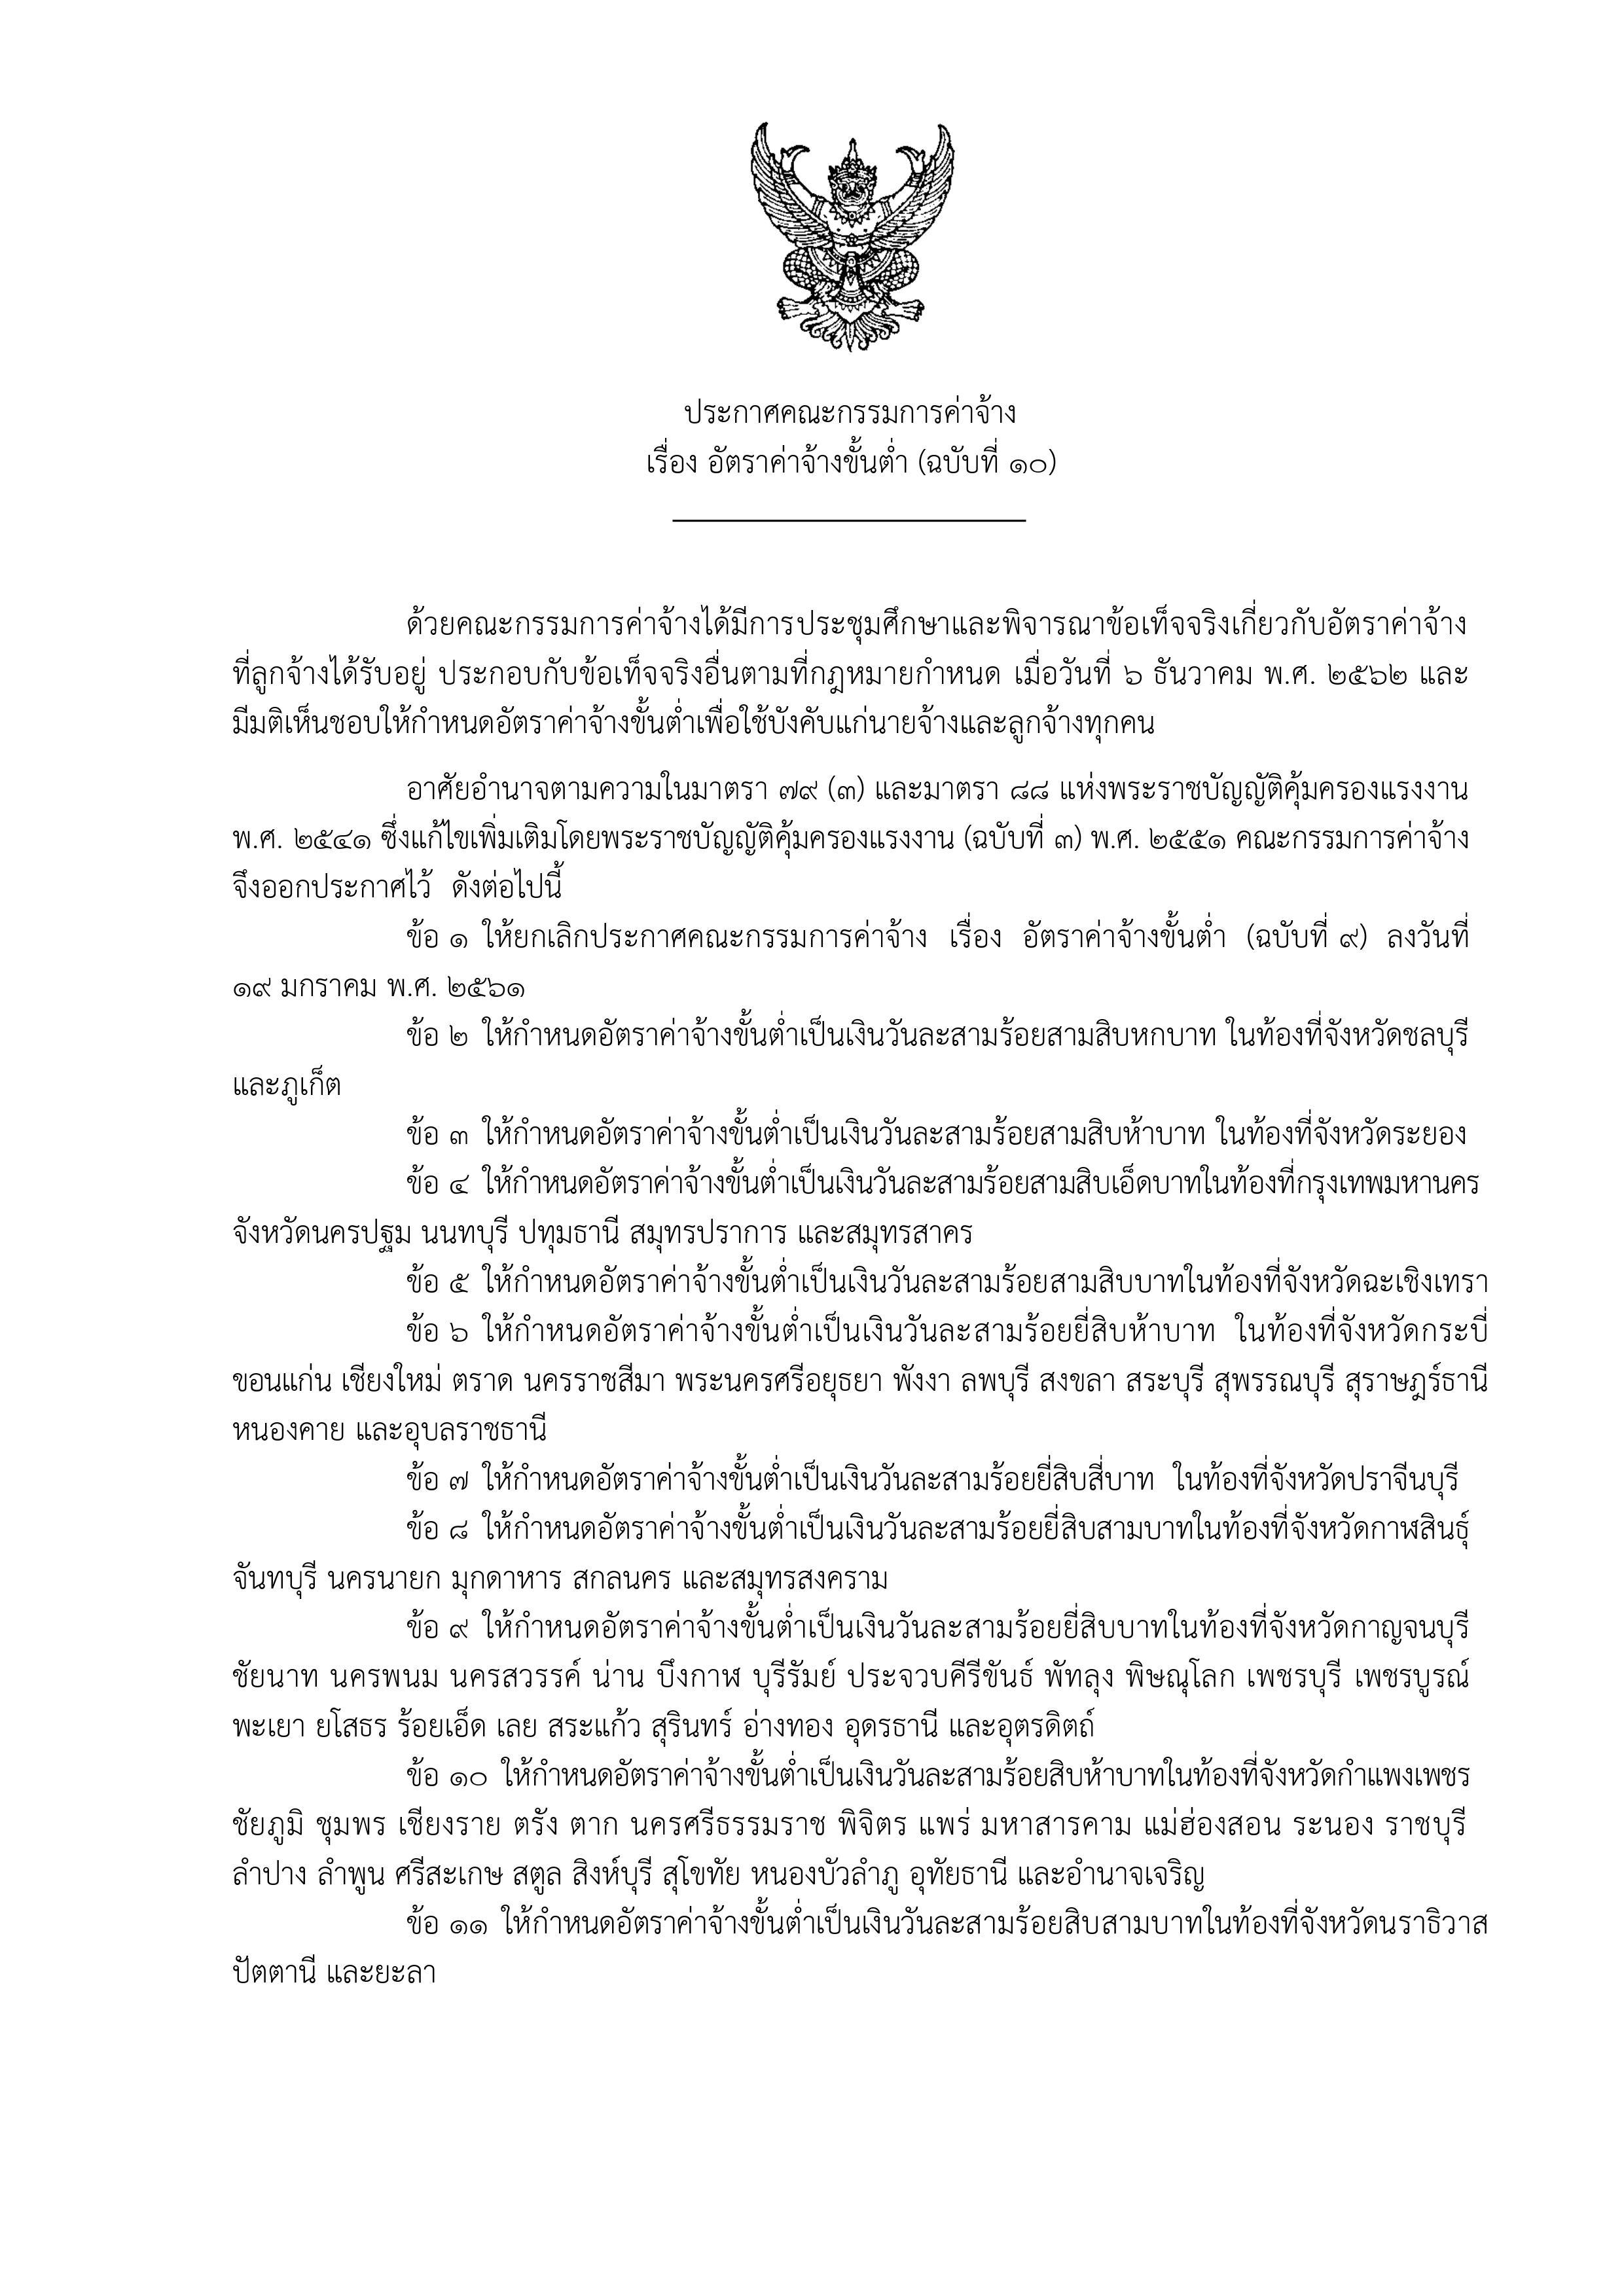 ประกาศคณะกรรมการค่าจ้าง เรื่อง อัตราค่าจ้างขั้นต่ำ (ฉบับที่ 10)